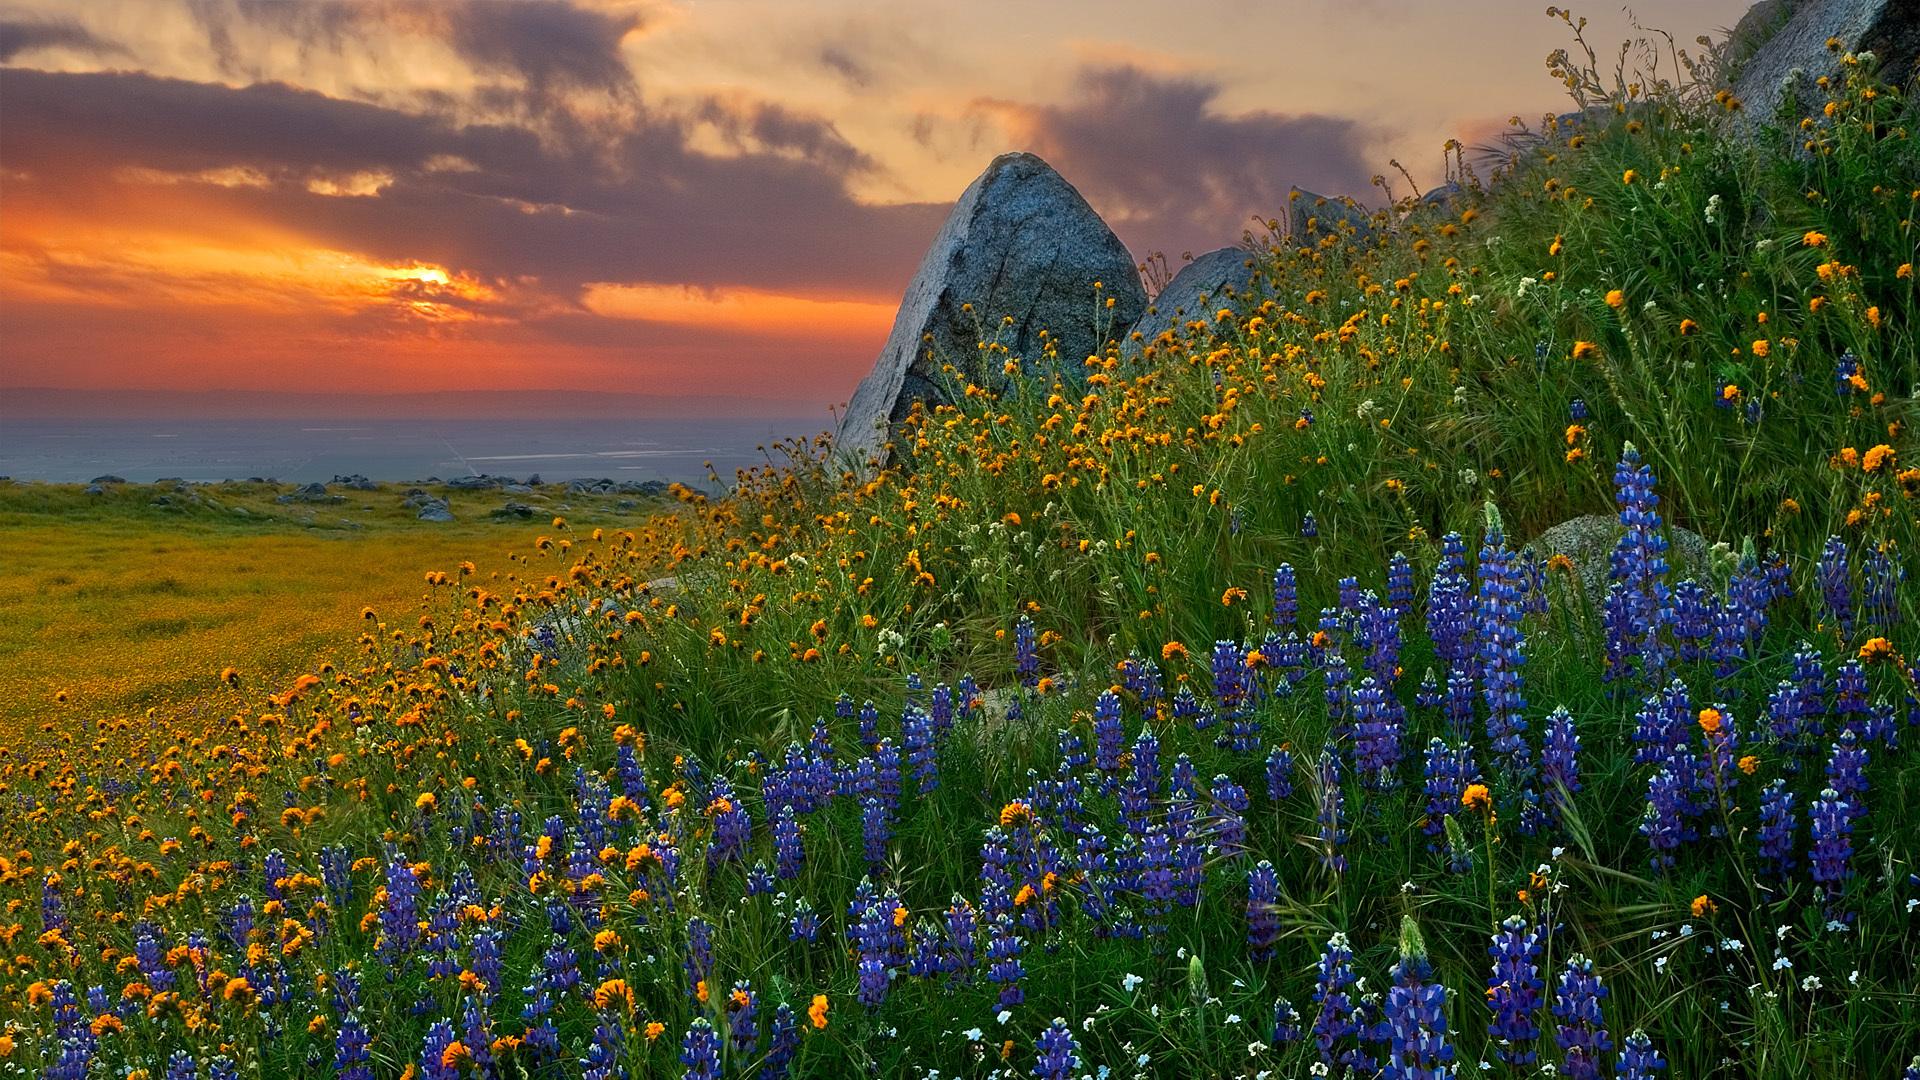 вертикальное фото цветы на фоне пейзажа полевые игра этой